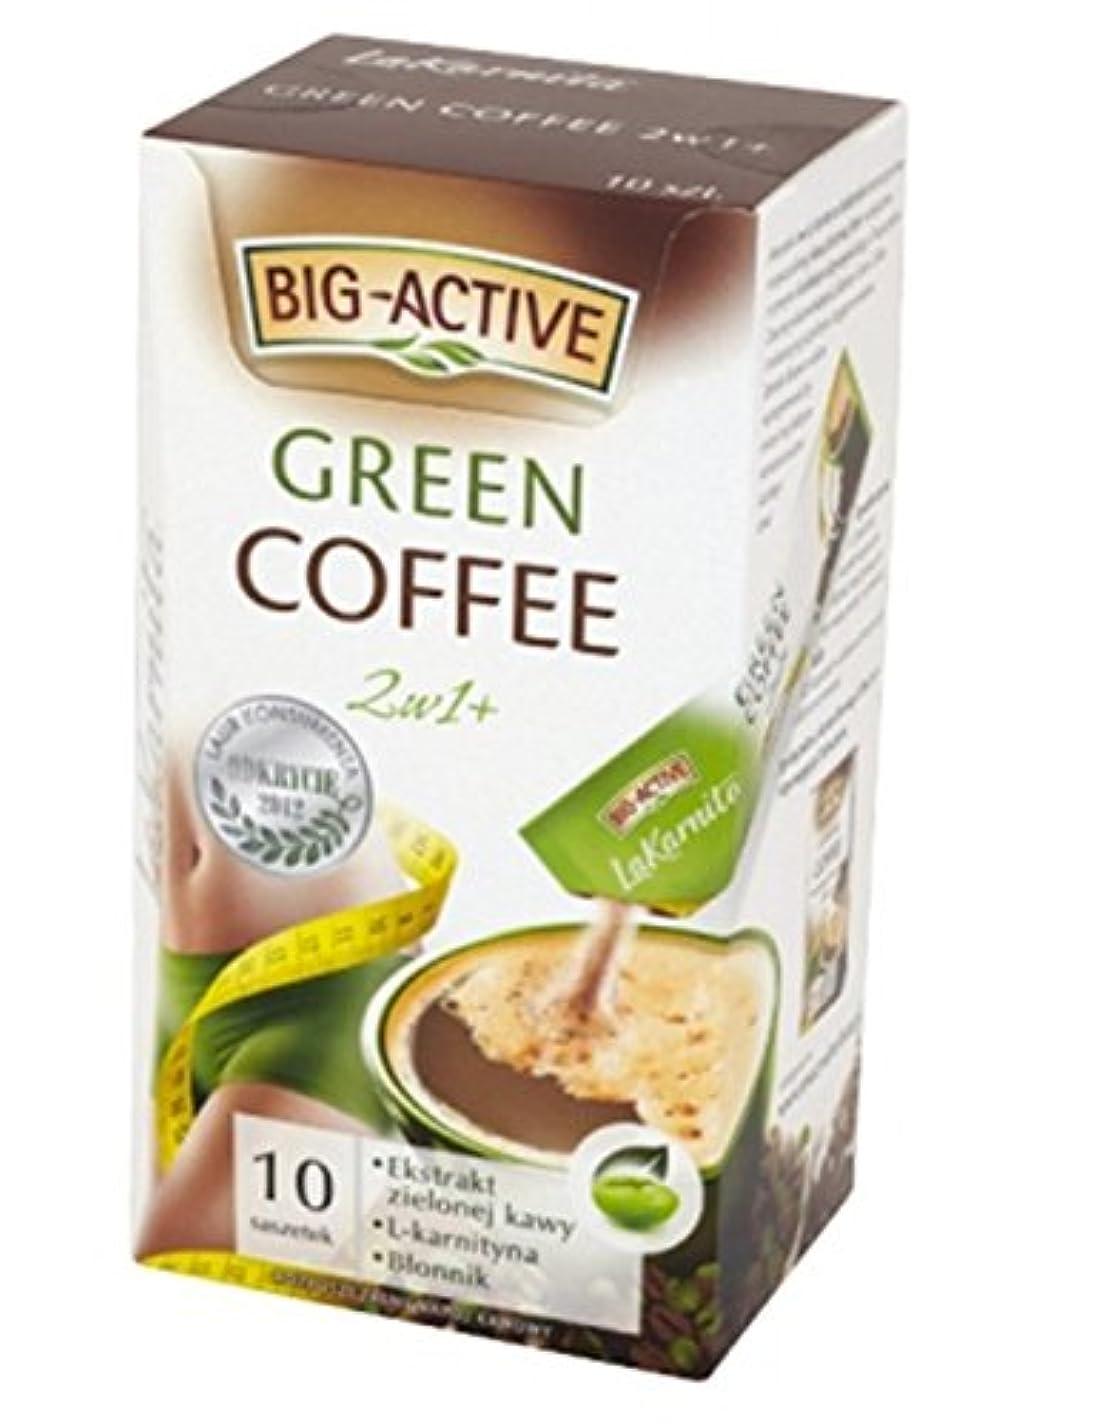 スーパーマーケットサンダーワイドスリミン グリー グコーヒー/5 boxes Big Active La Karnita Green Coffee Slimming Sachet 2 IN 1